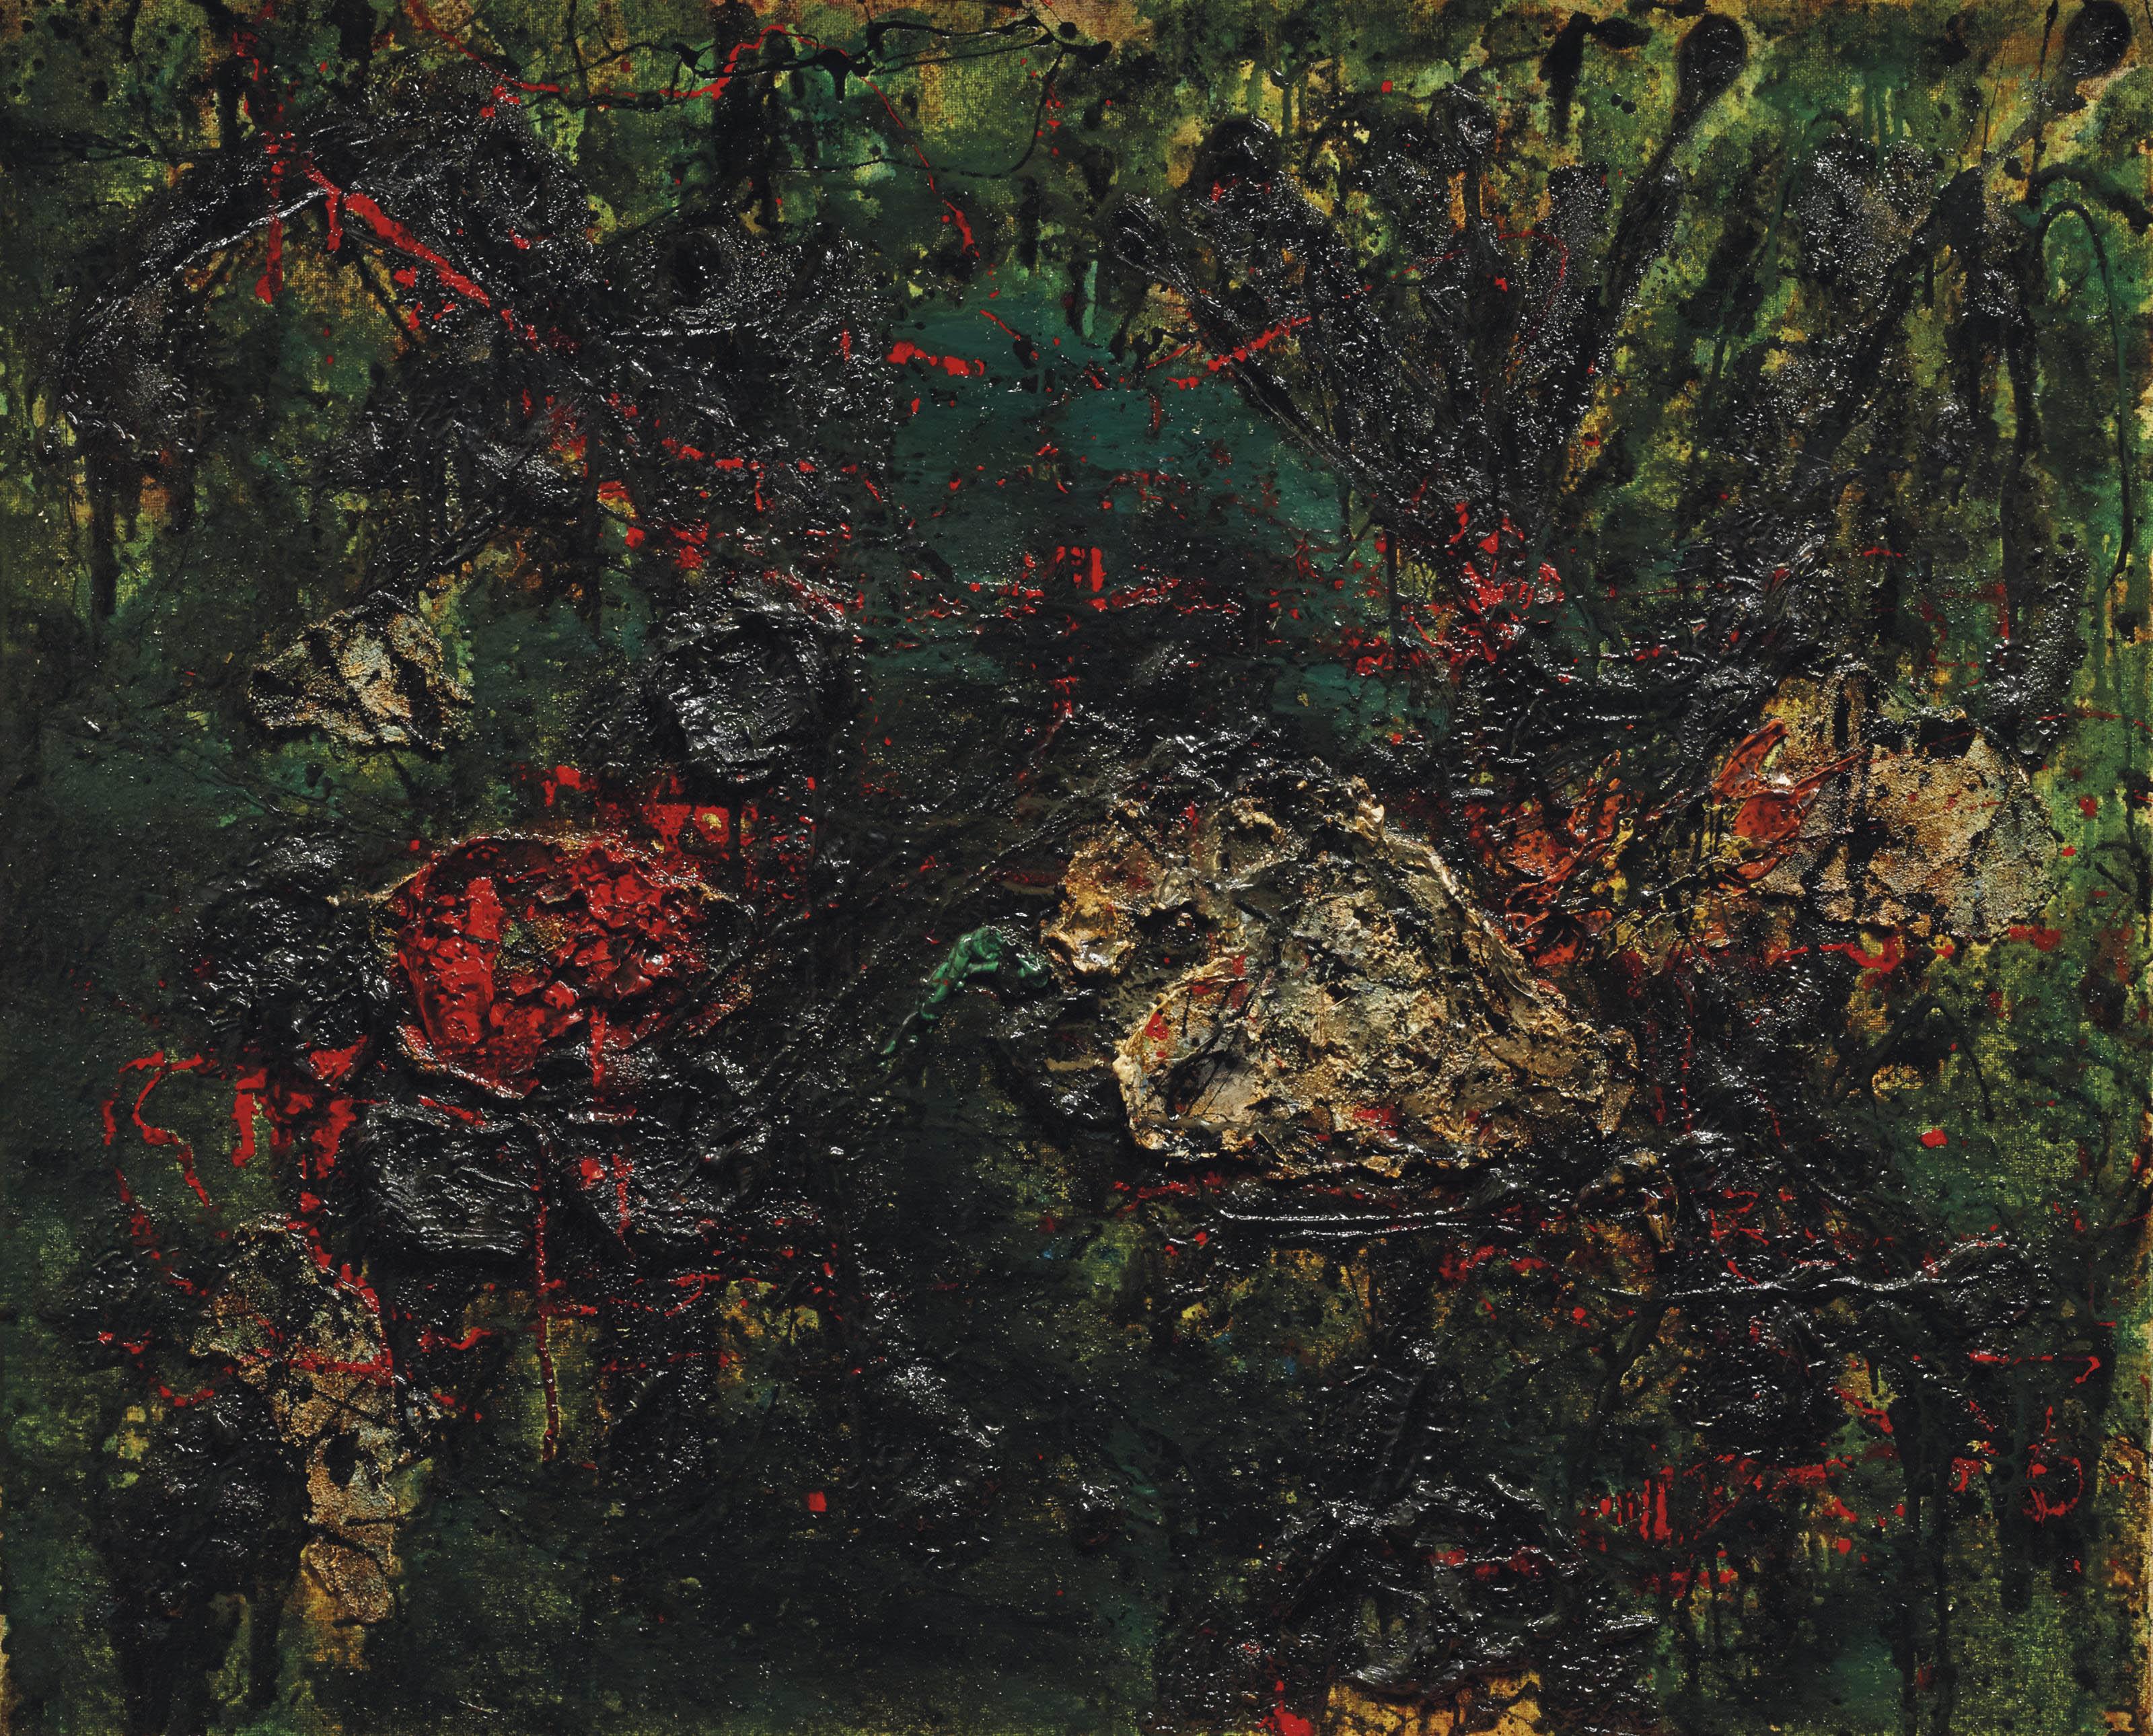 TOSHIMITSU IMAÏ (1928-2002)